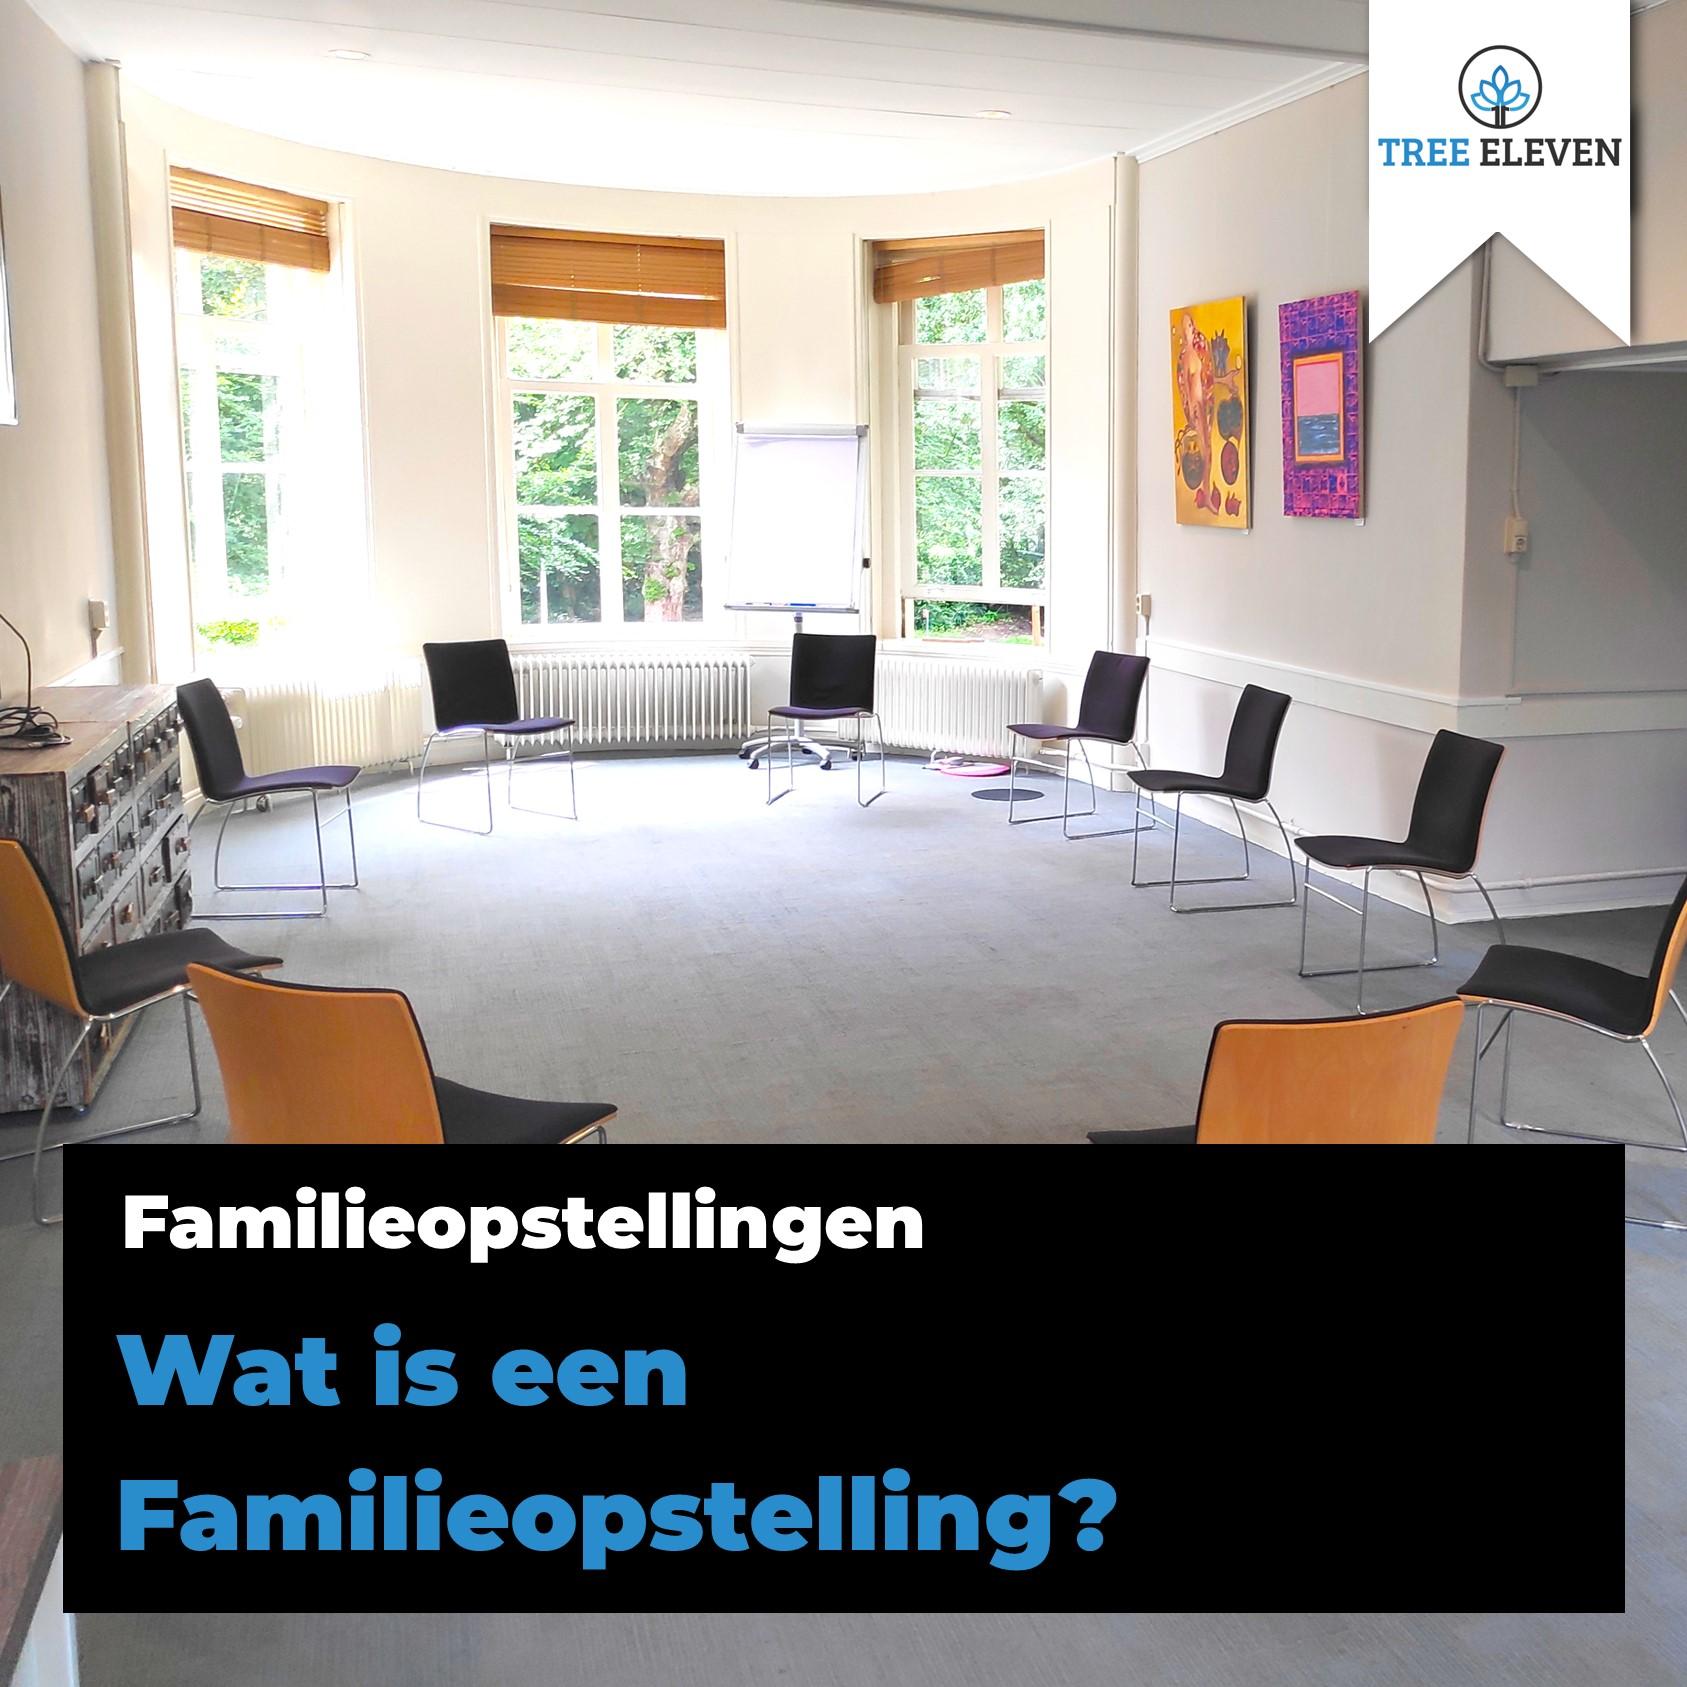 Familieopstelling - Tree Eleven Utrecht